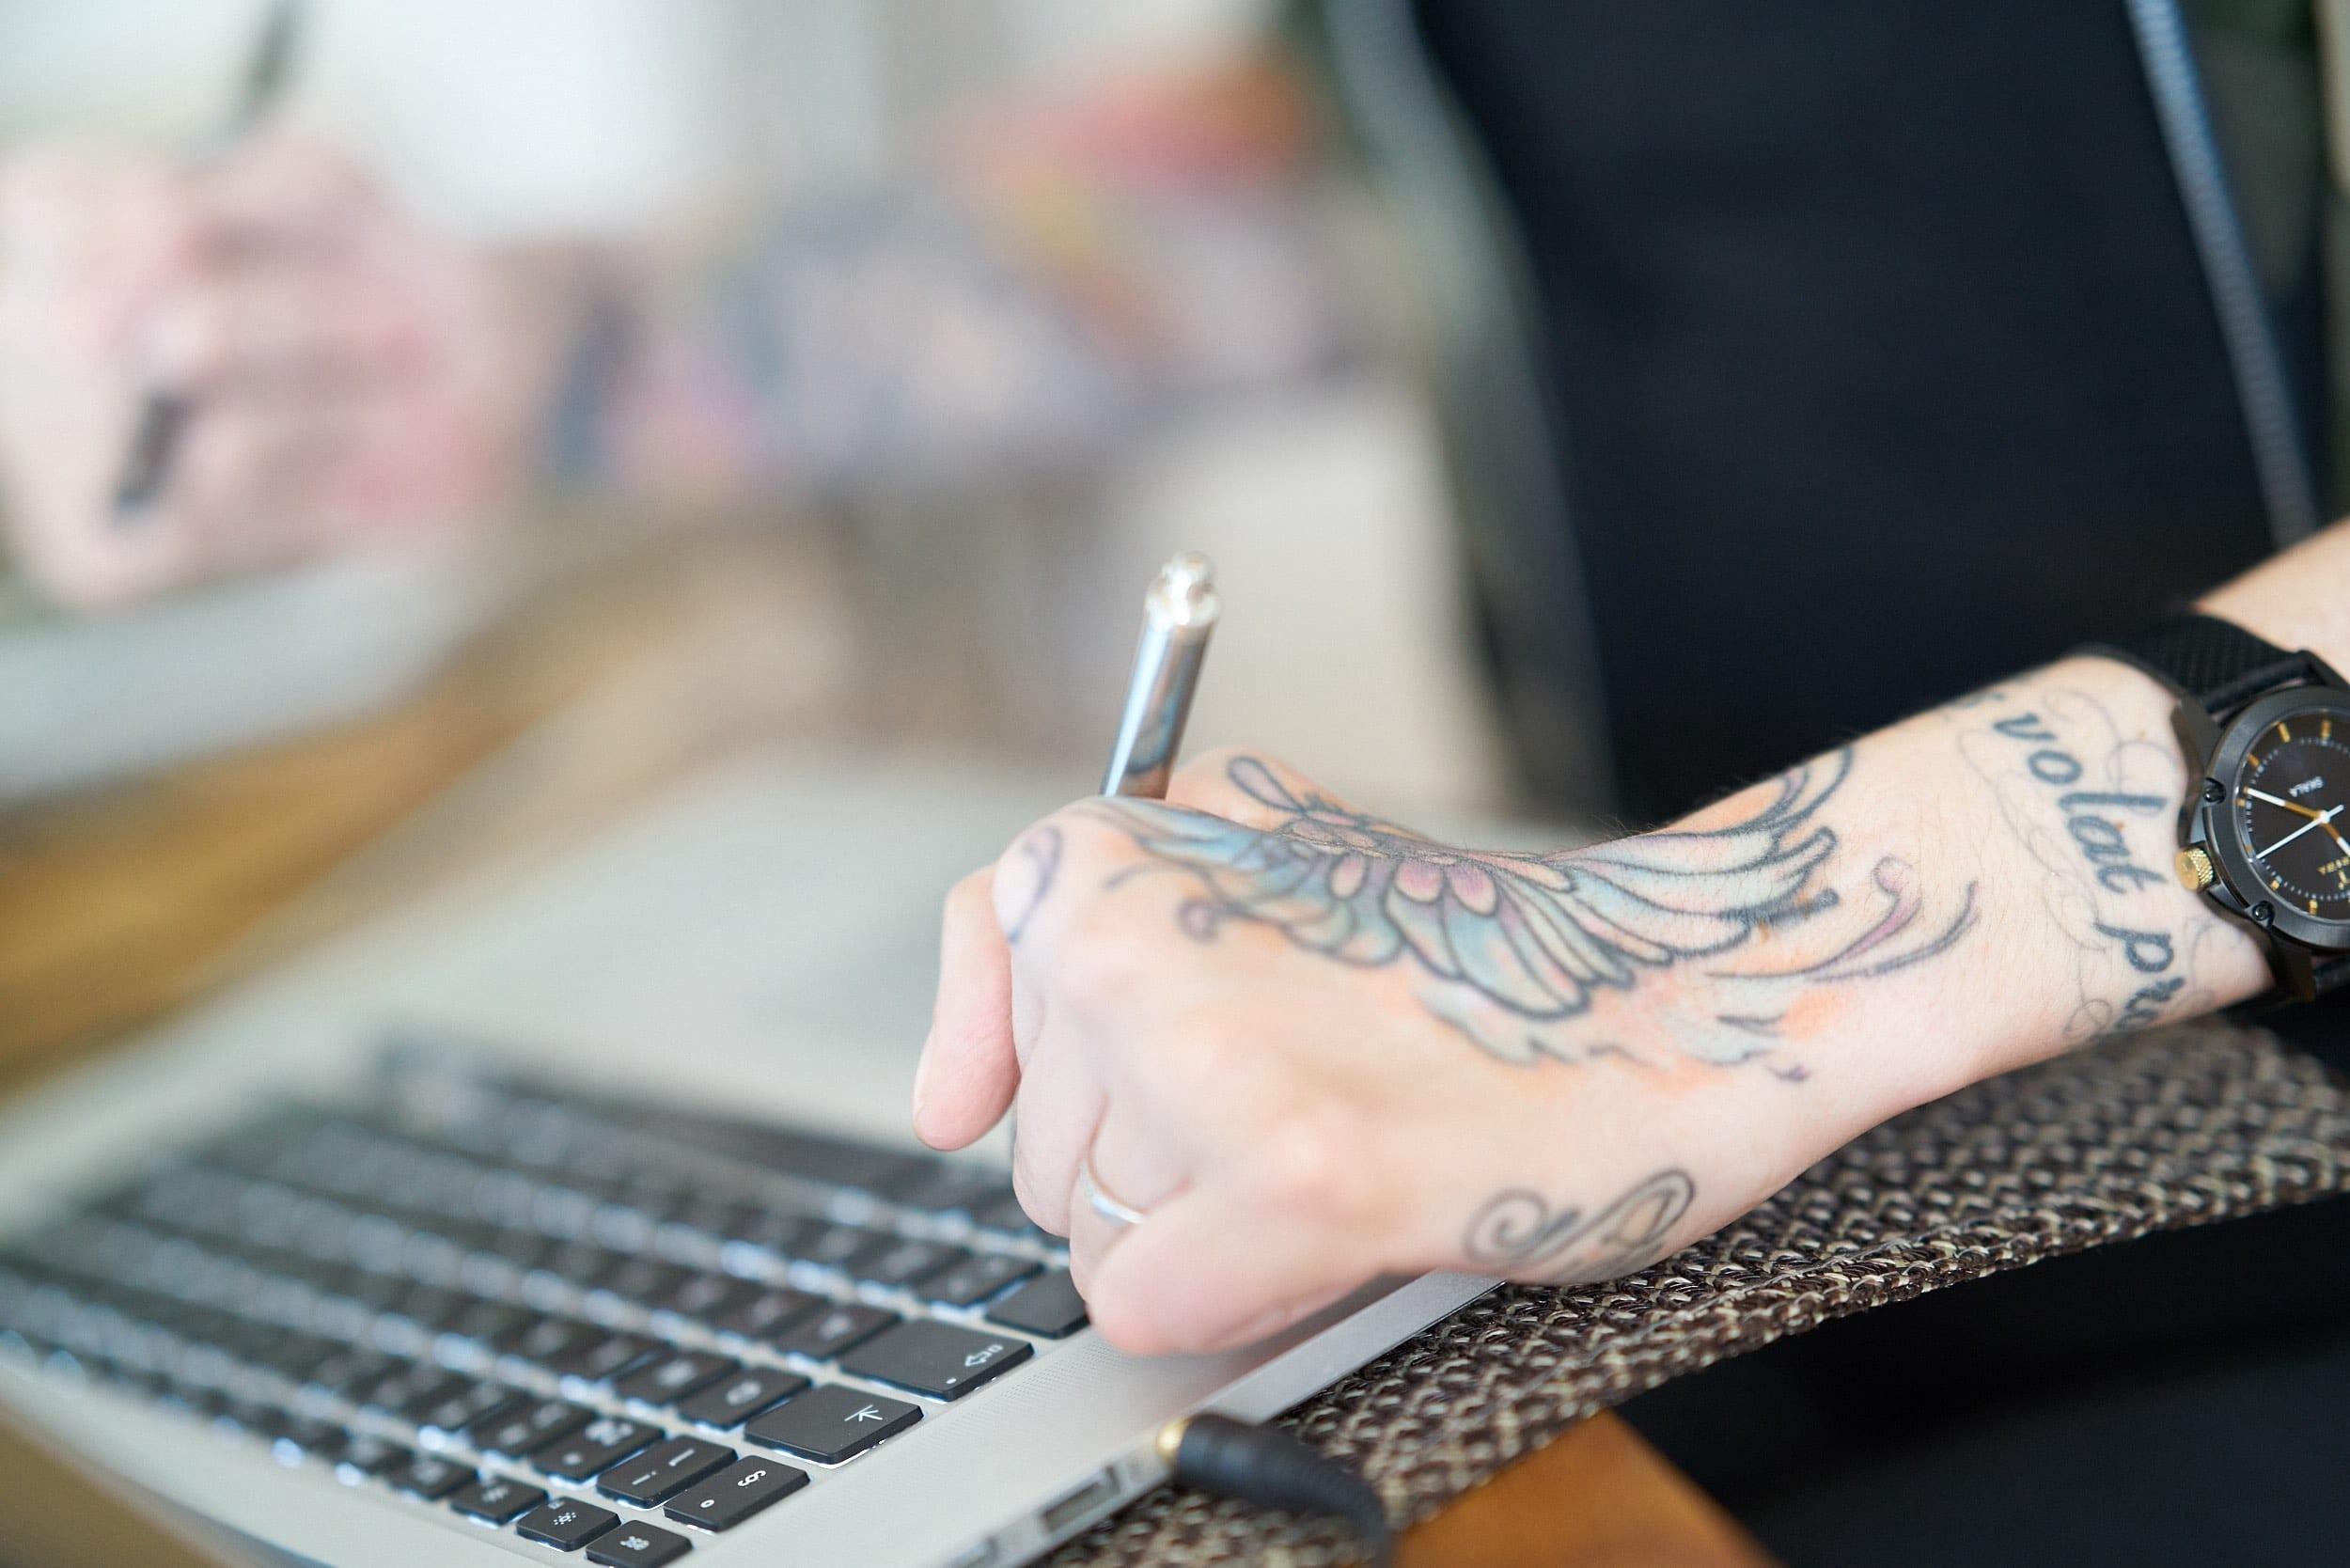 Händer med tatuering skriver på datortangentbord